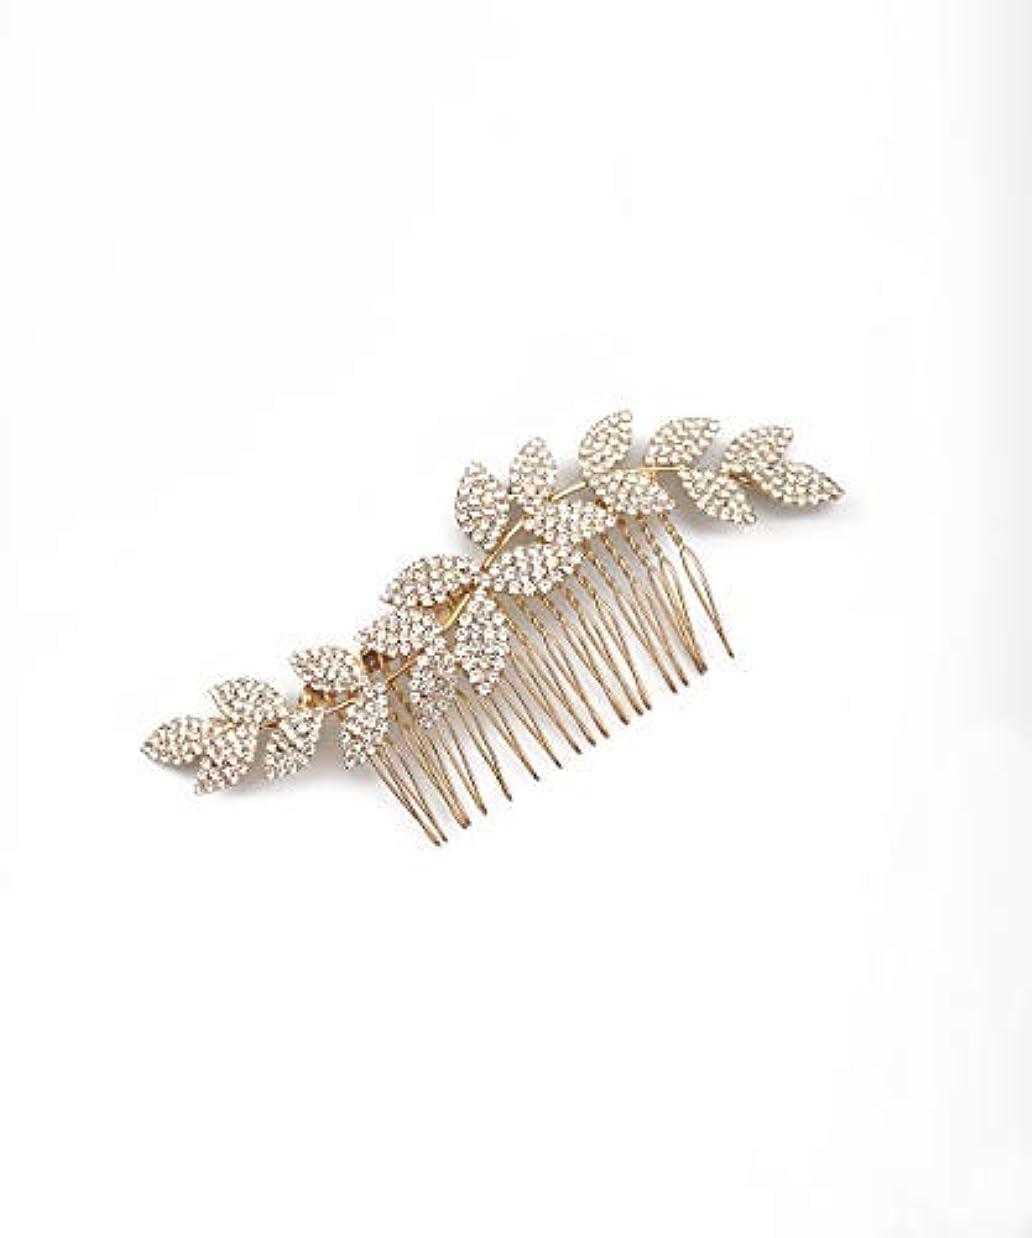 起きる上にレンズDeniferymakeup Crystal Bridal Headpiece Bridal Hair Accessories Wedding Hair Piece Wedding Headpiece Bridal Jewelry...